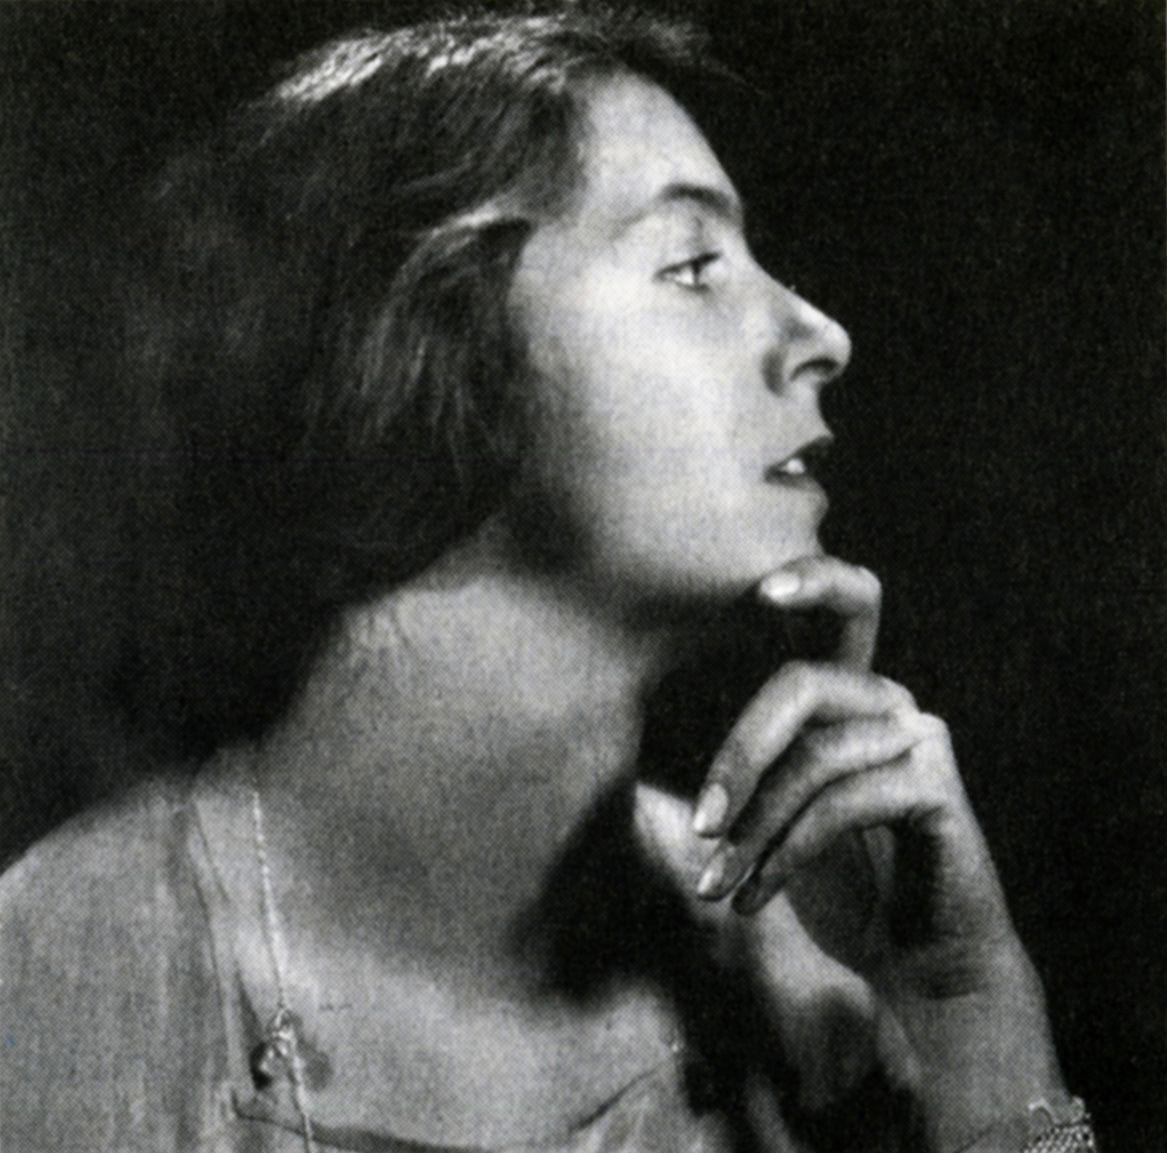 Louise de Vilmorin, dite Loulou (1902-1969)